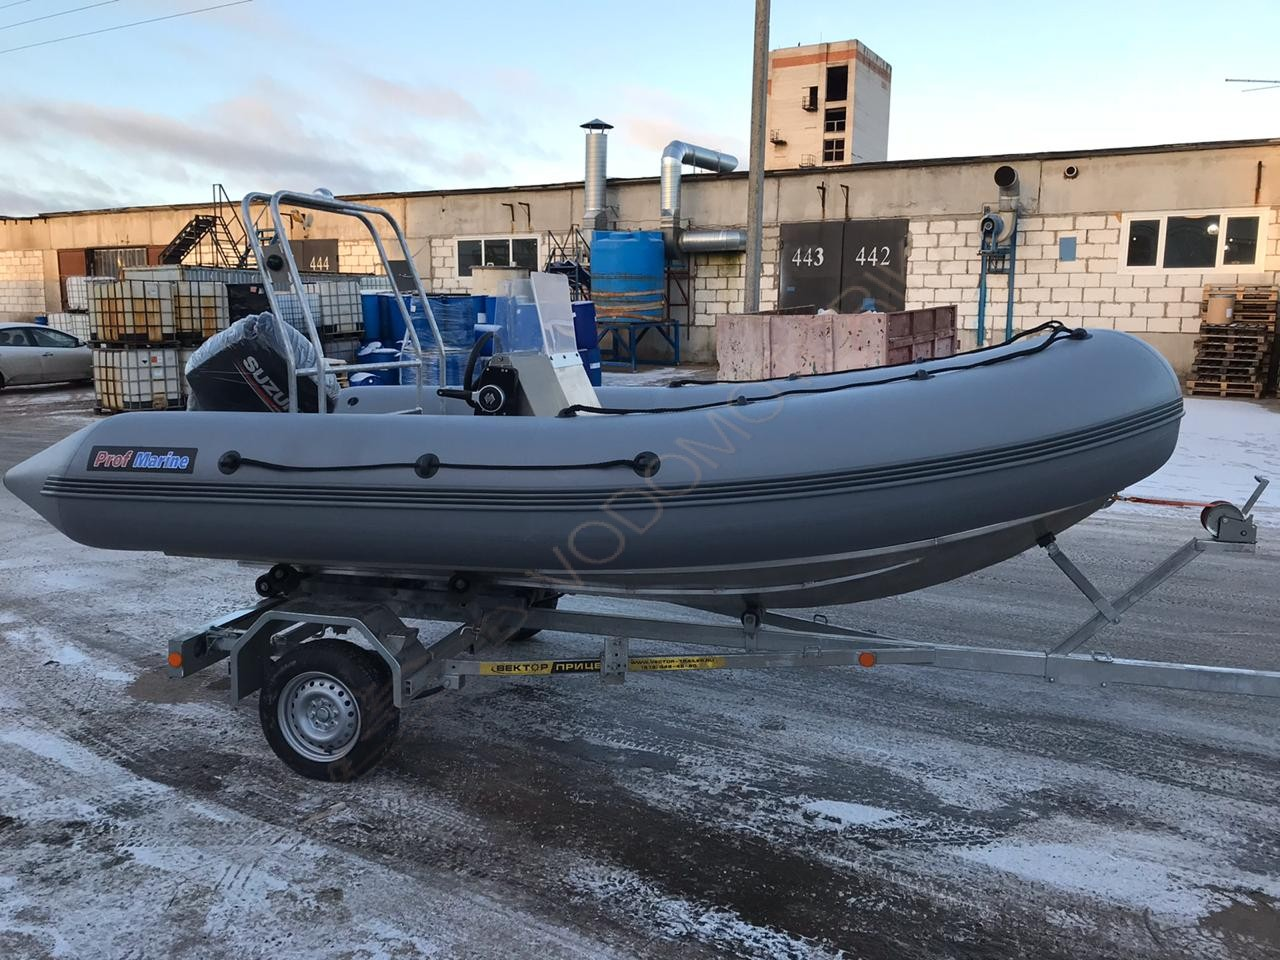 Надувная лодка ProfMarine RIB 450 с алюминиевым корпусом